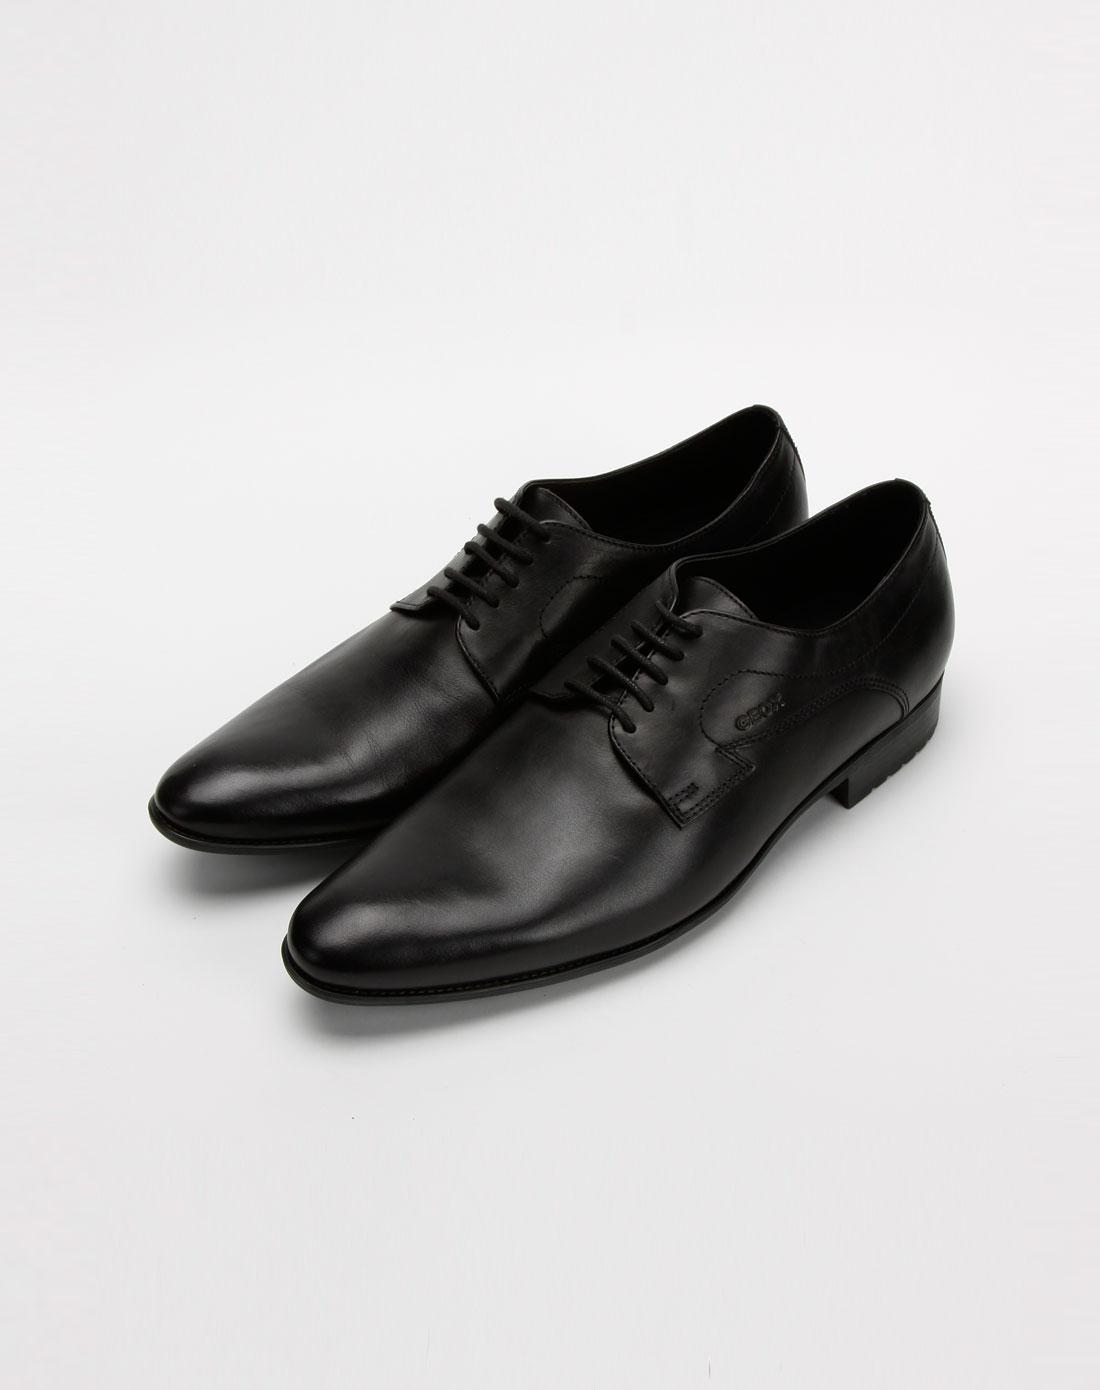 乐士geox男款黑色打蜡小牛皮鞋